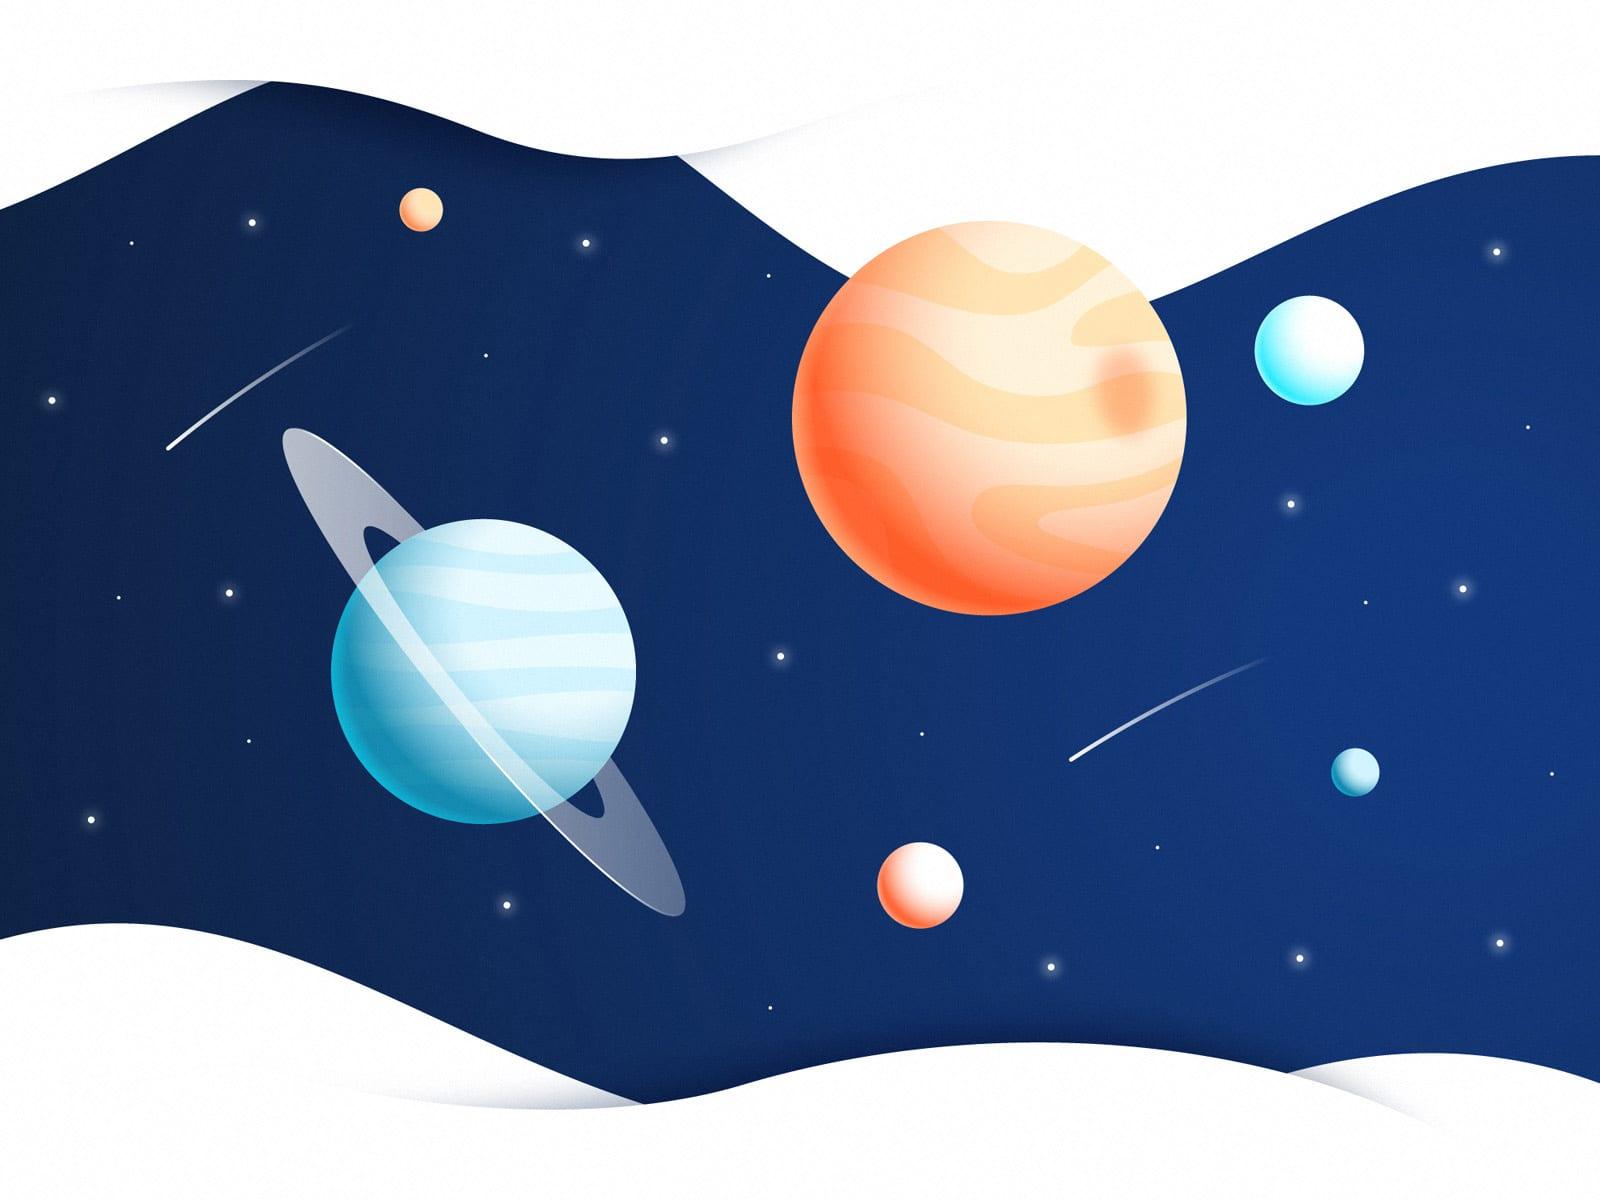 Ilustração planetas e universo